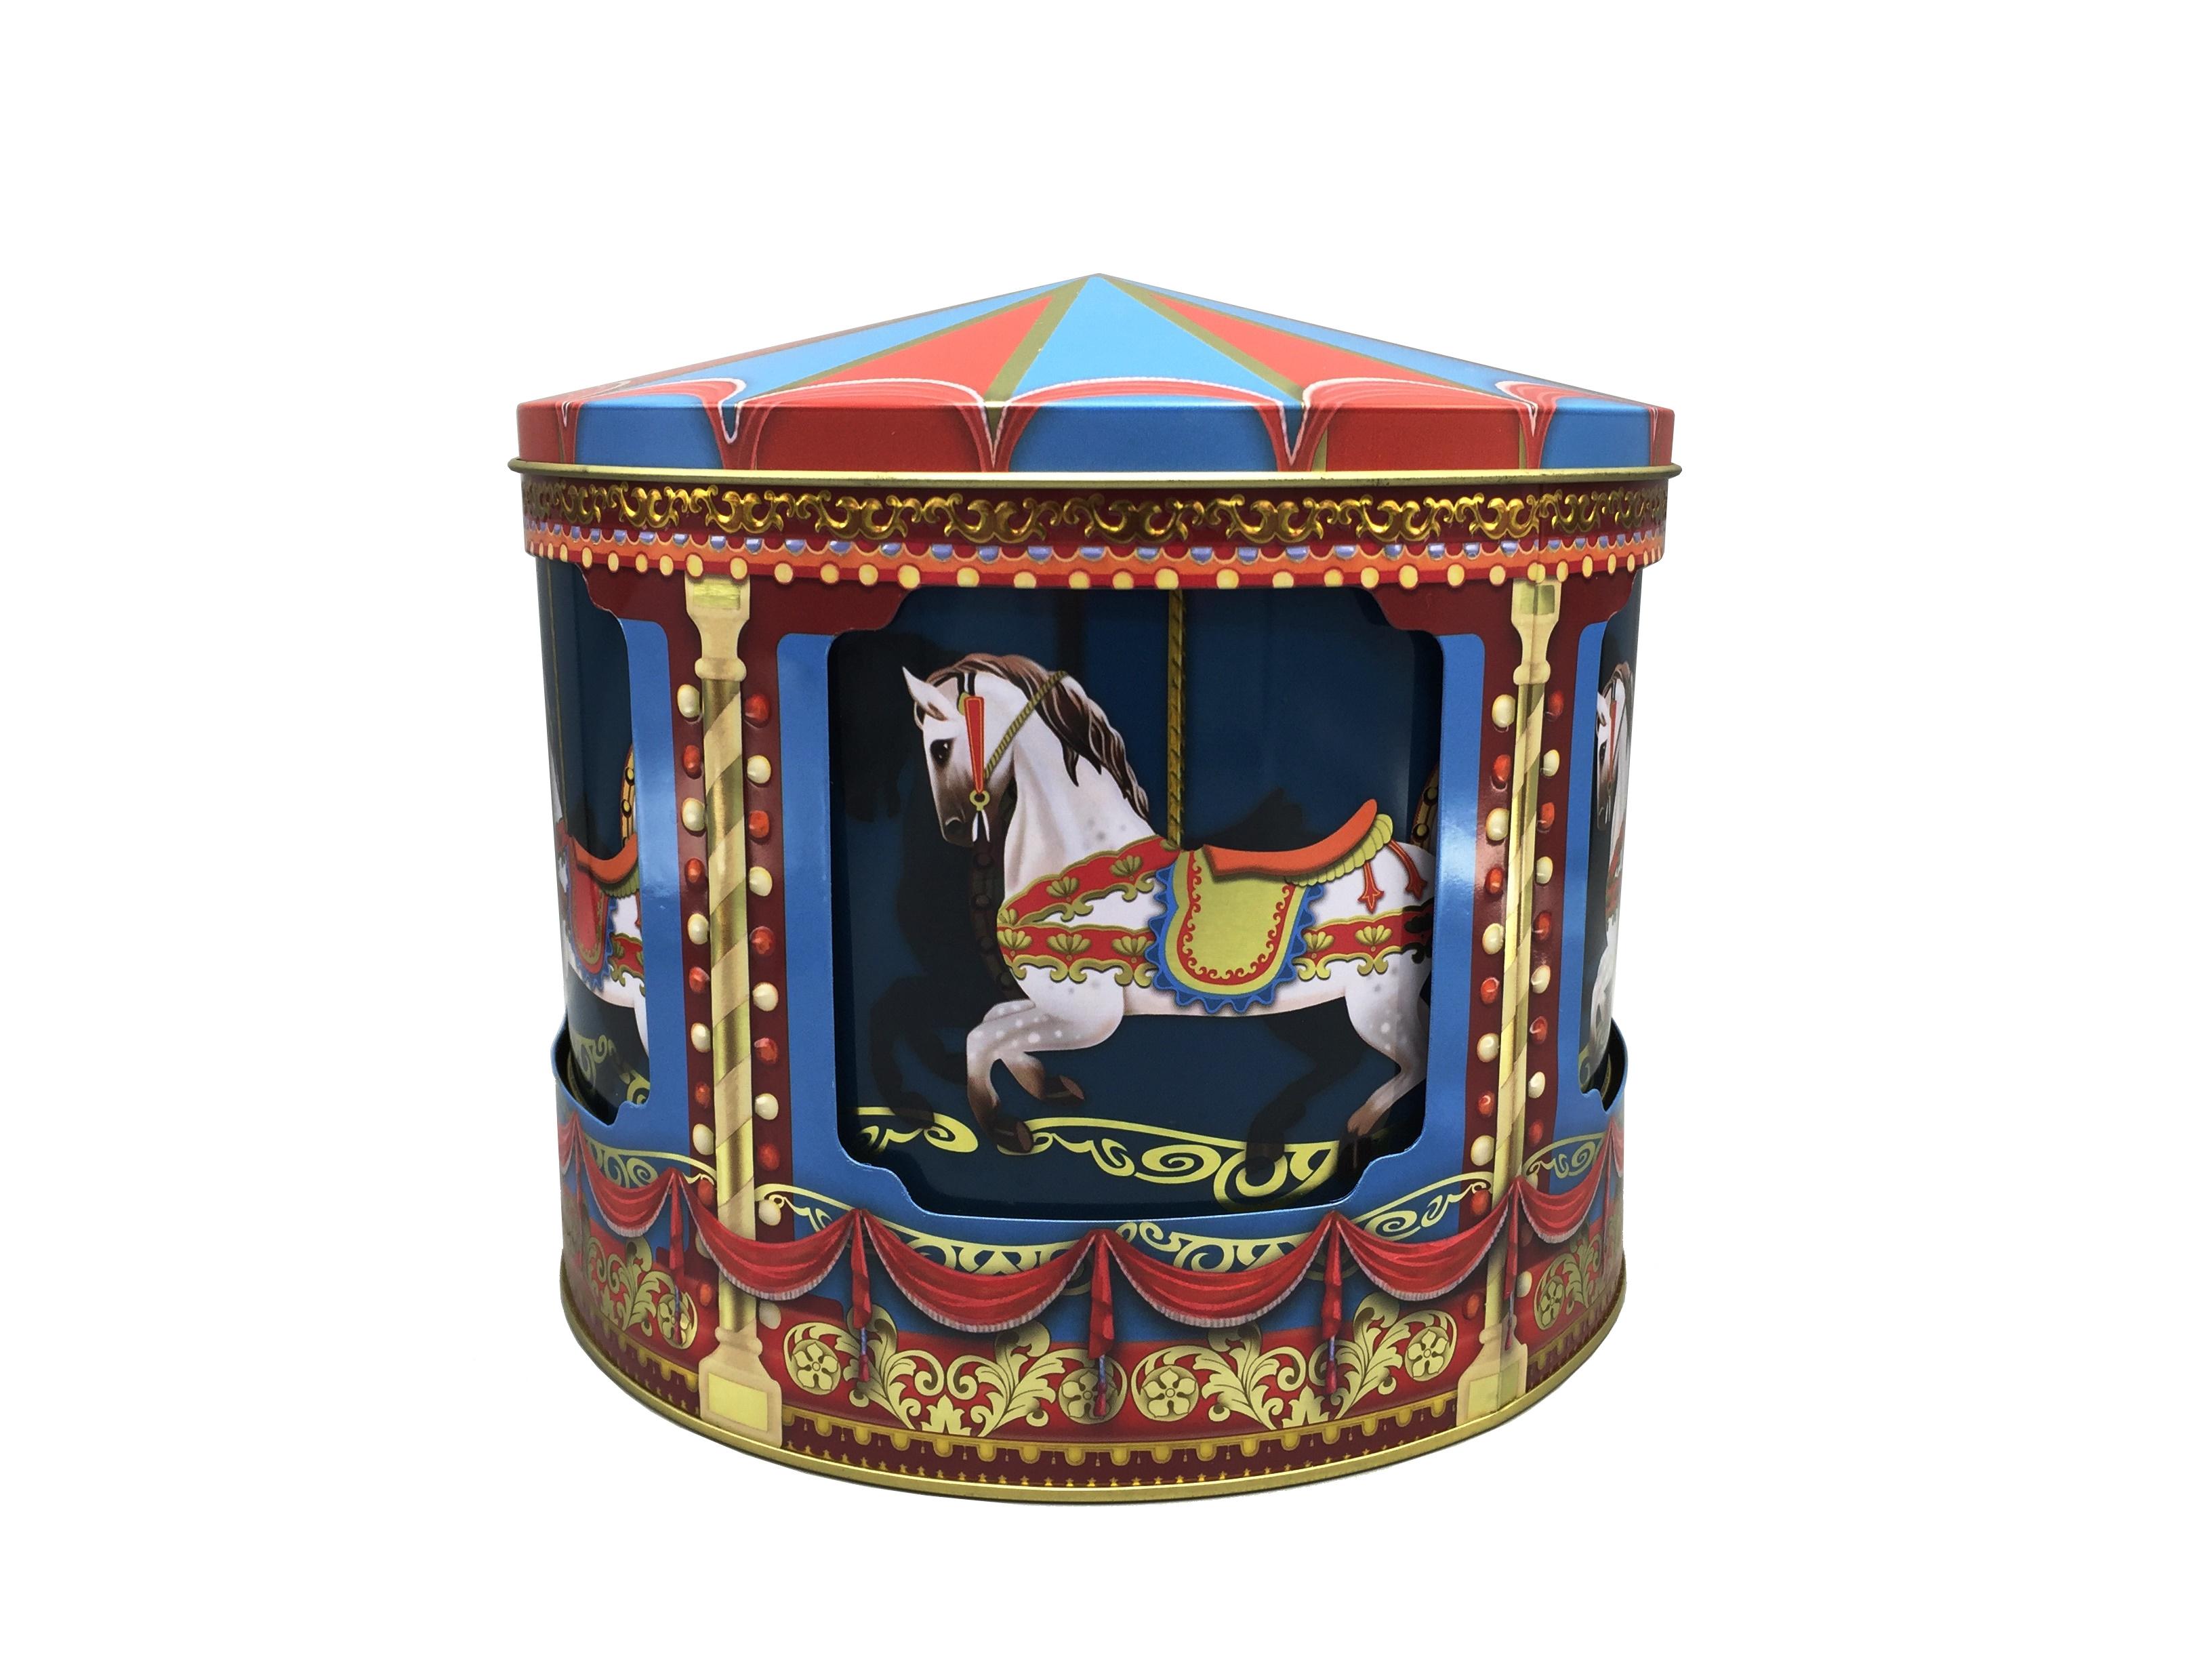 10310 Großes Karussell mit Spieluhr